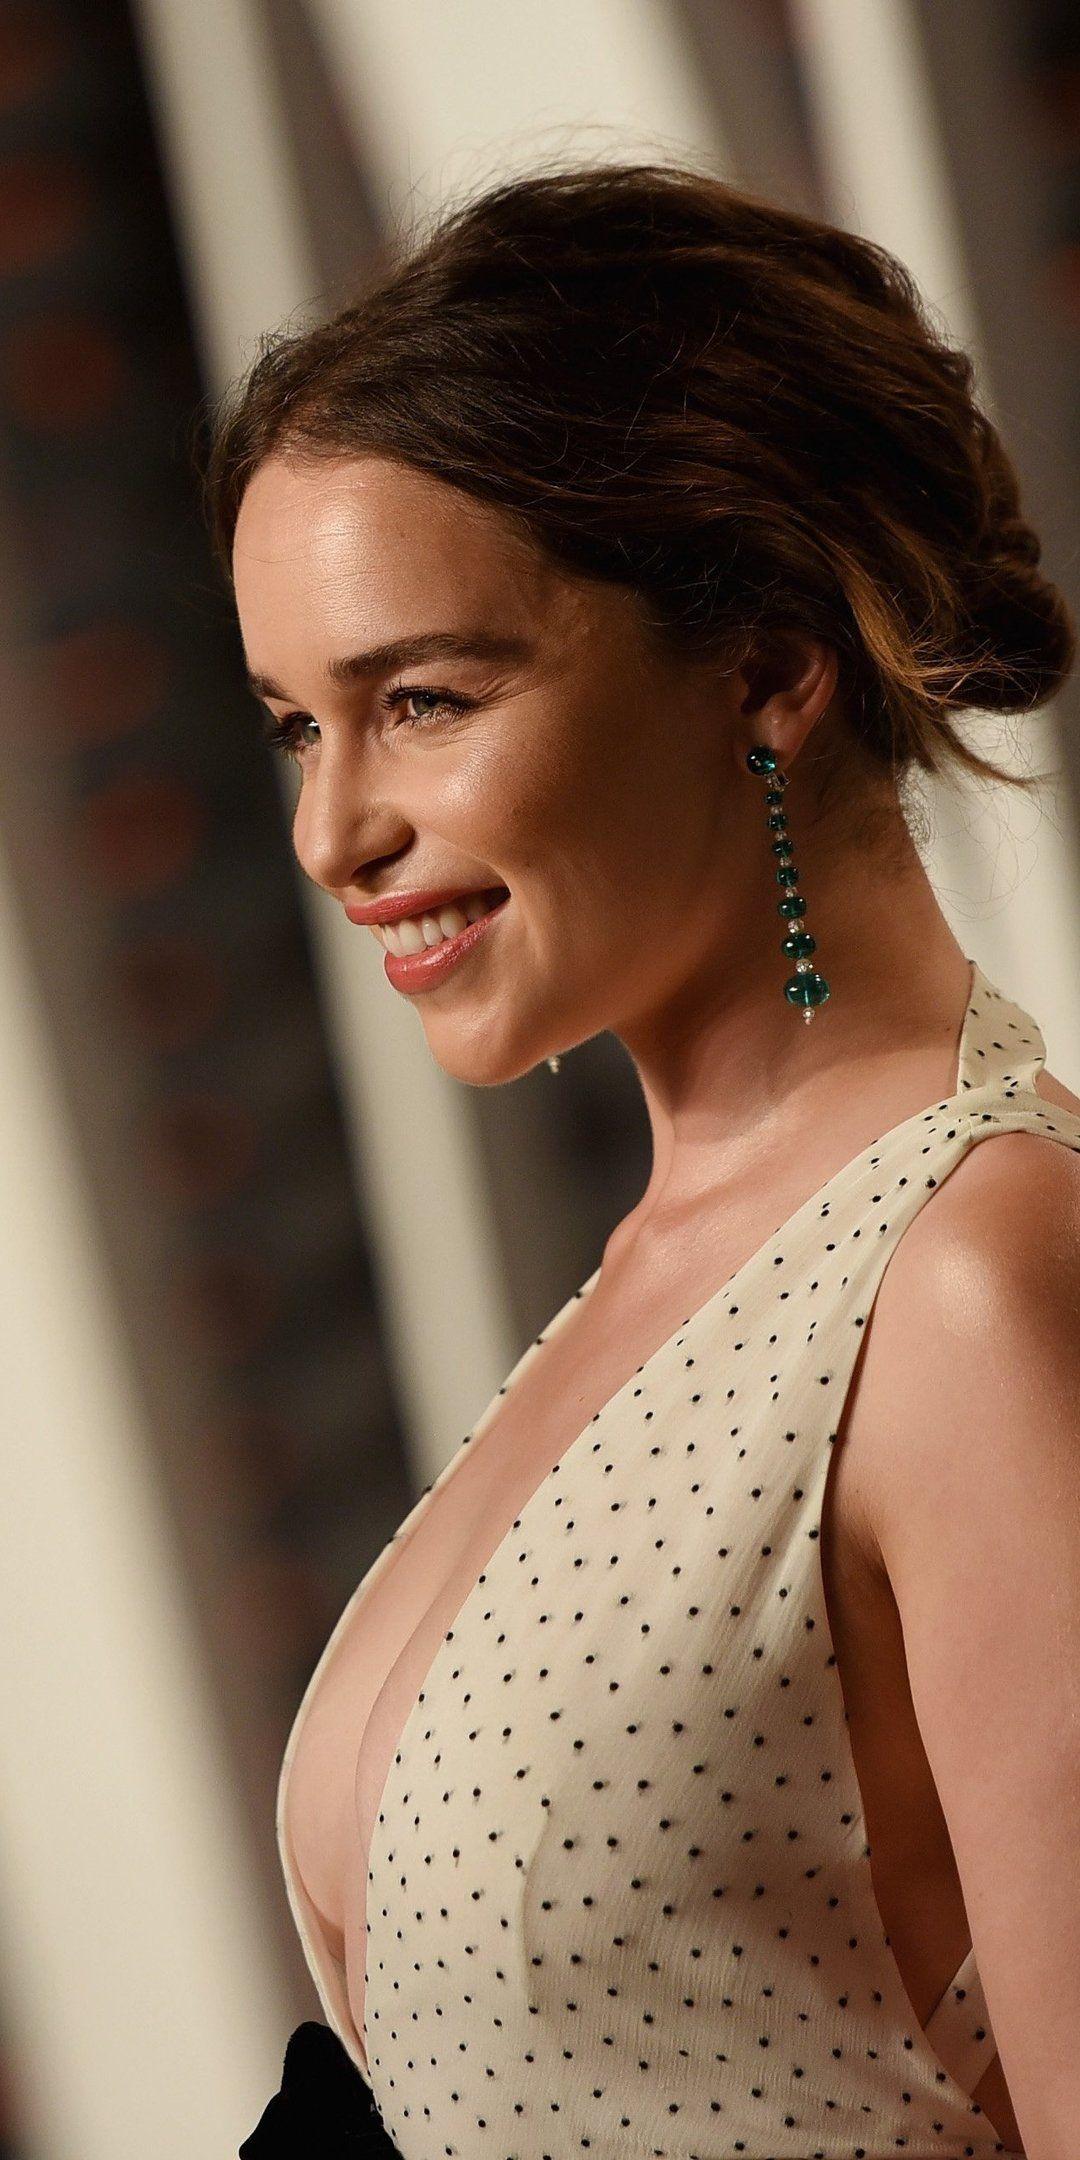 My Merch Emilia clarke, Emilia clarke hot, Celebrity